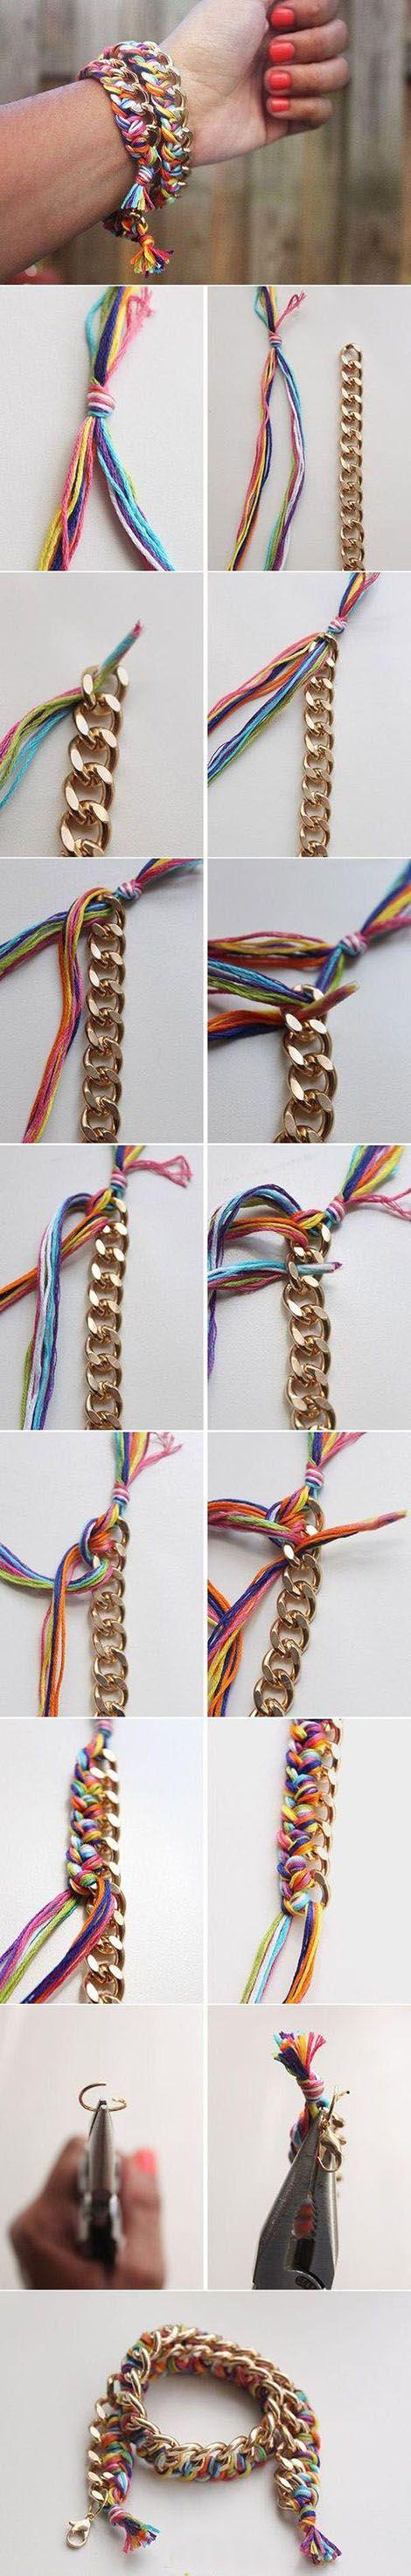 best belize crafts images on pinterest craft anchor bracelets